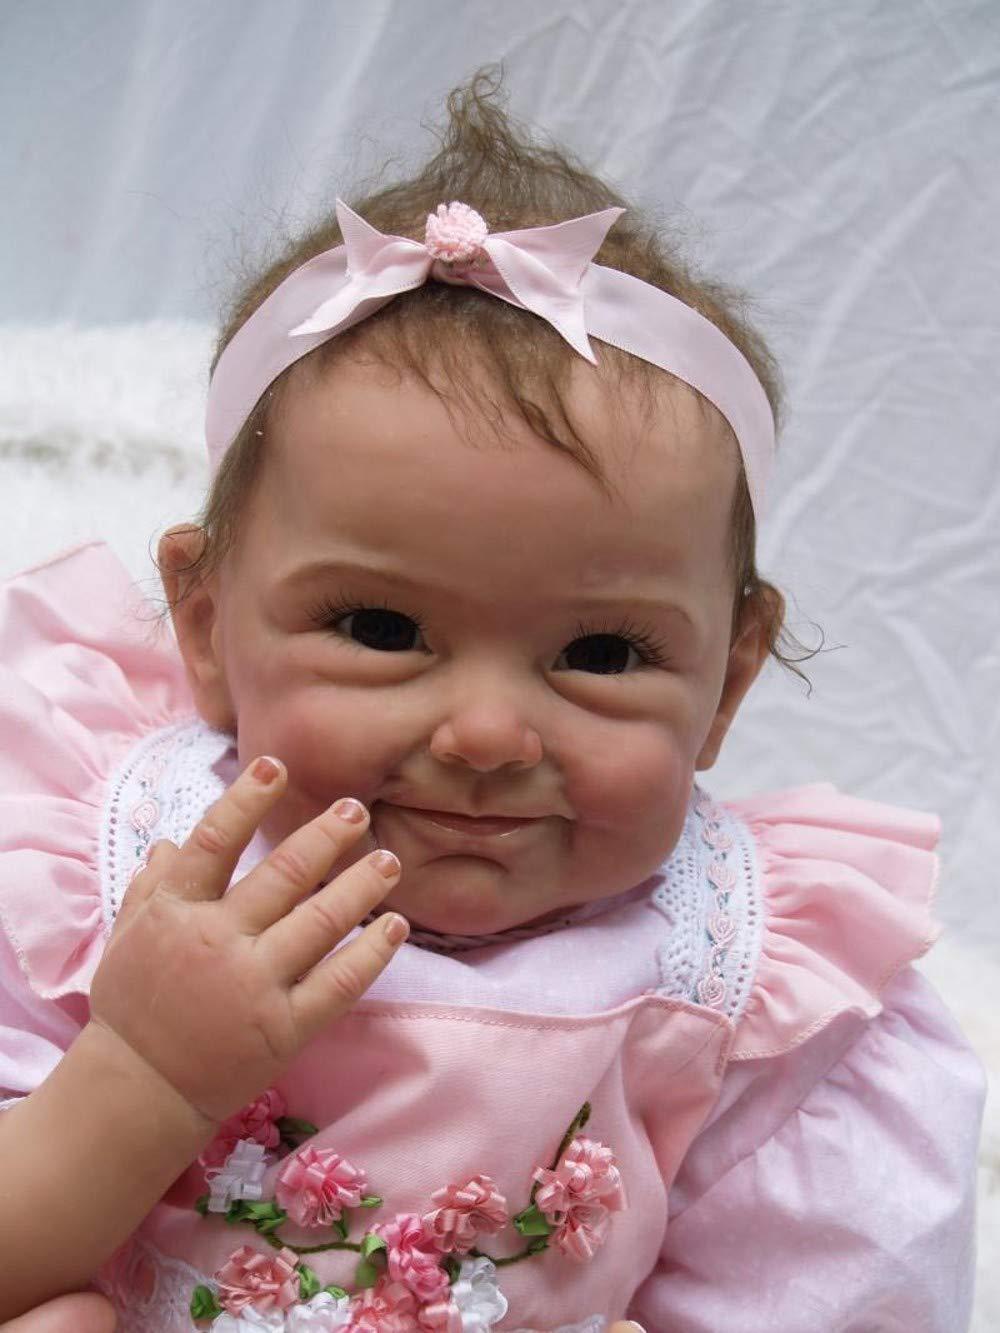 HOOMAI lebensecht 22 Zoll 55 cm Günstig Kinder Silikon Vinyl Doll Mädchen Süsses Lächeln Puppe Mit zubehör Spielzeug Geschenke